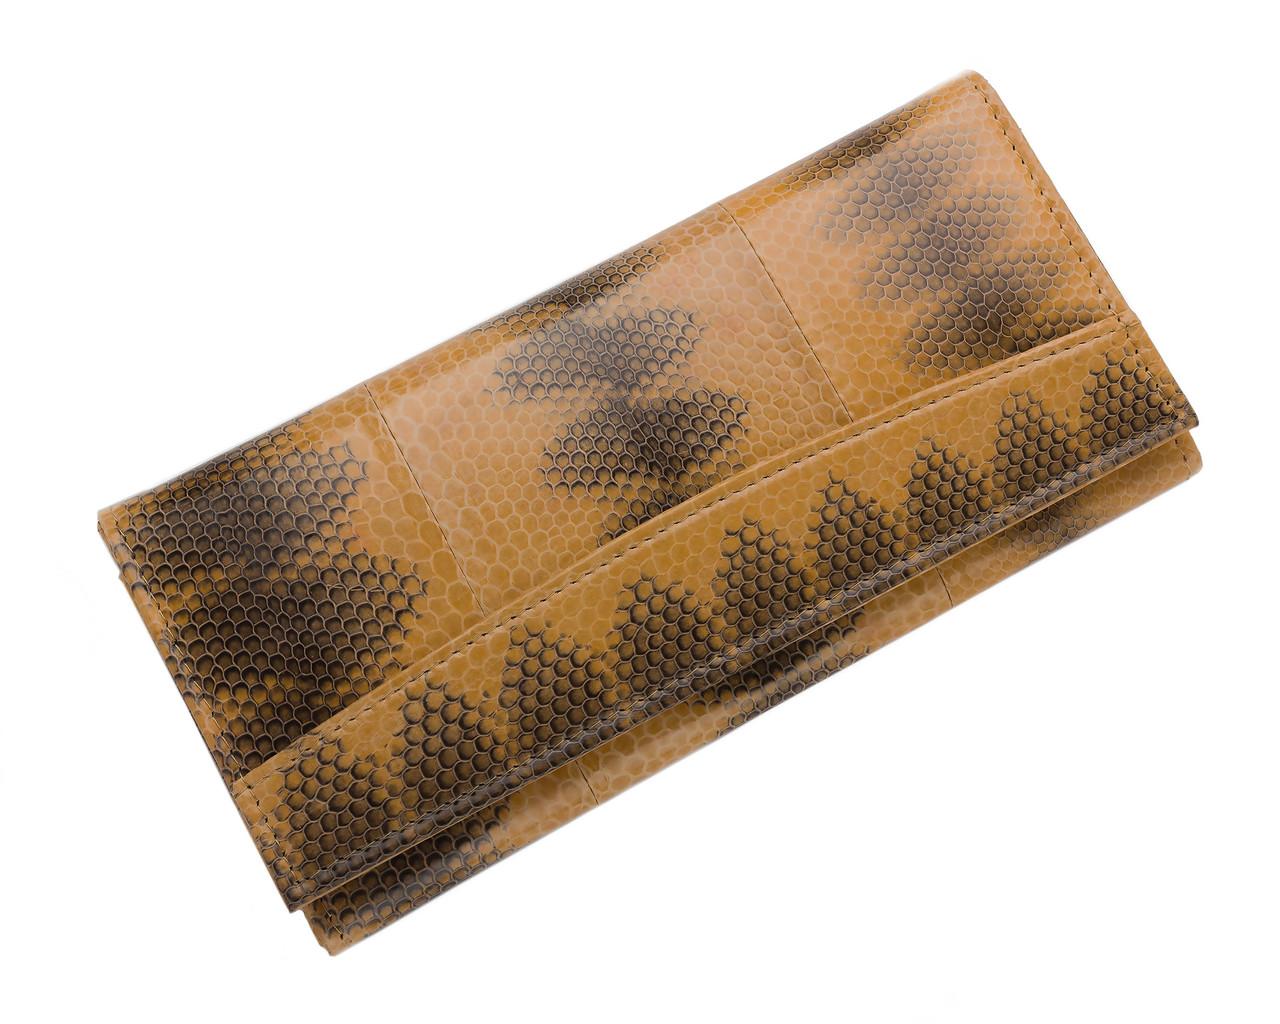 Кошелек женский  Ekzotic Leather из натуральной кожи морской змеи Коричневый (snw 41_1)